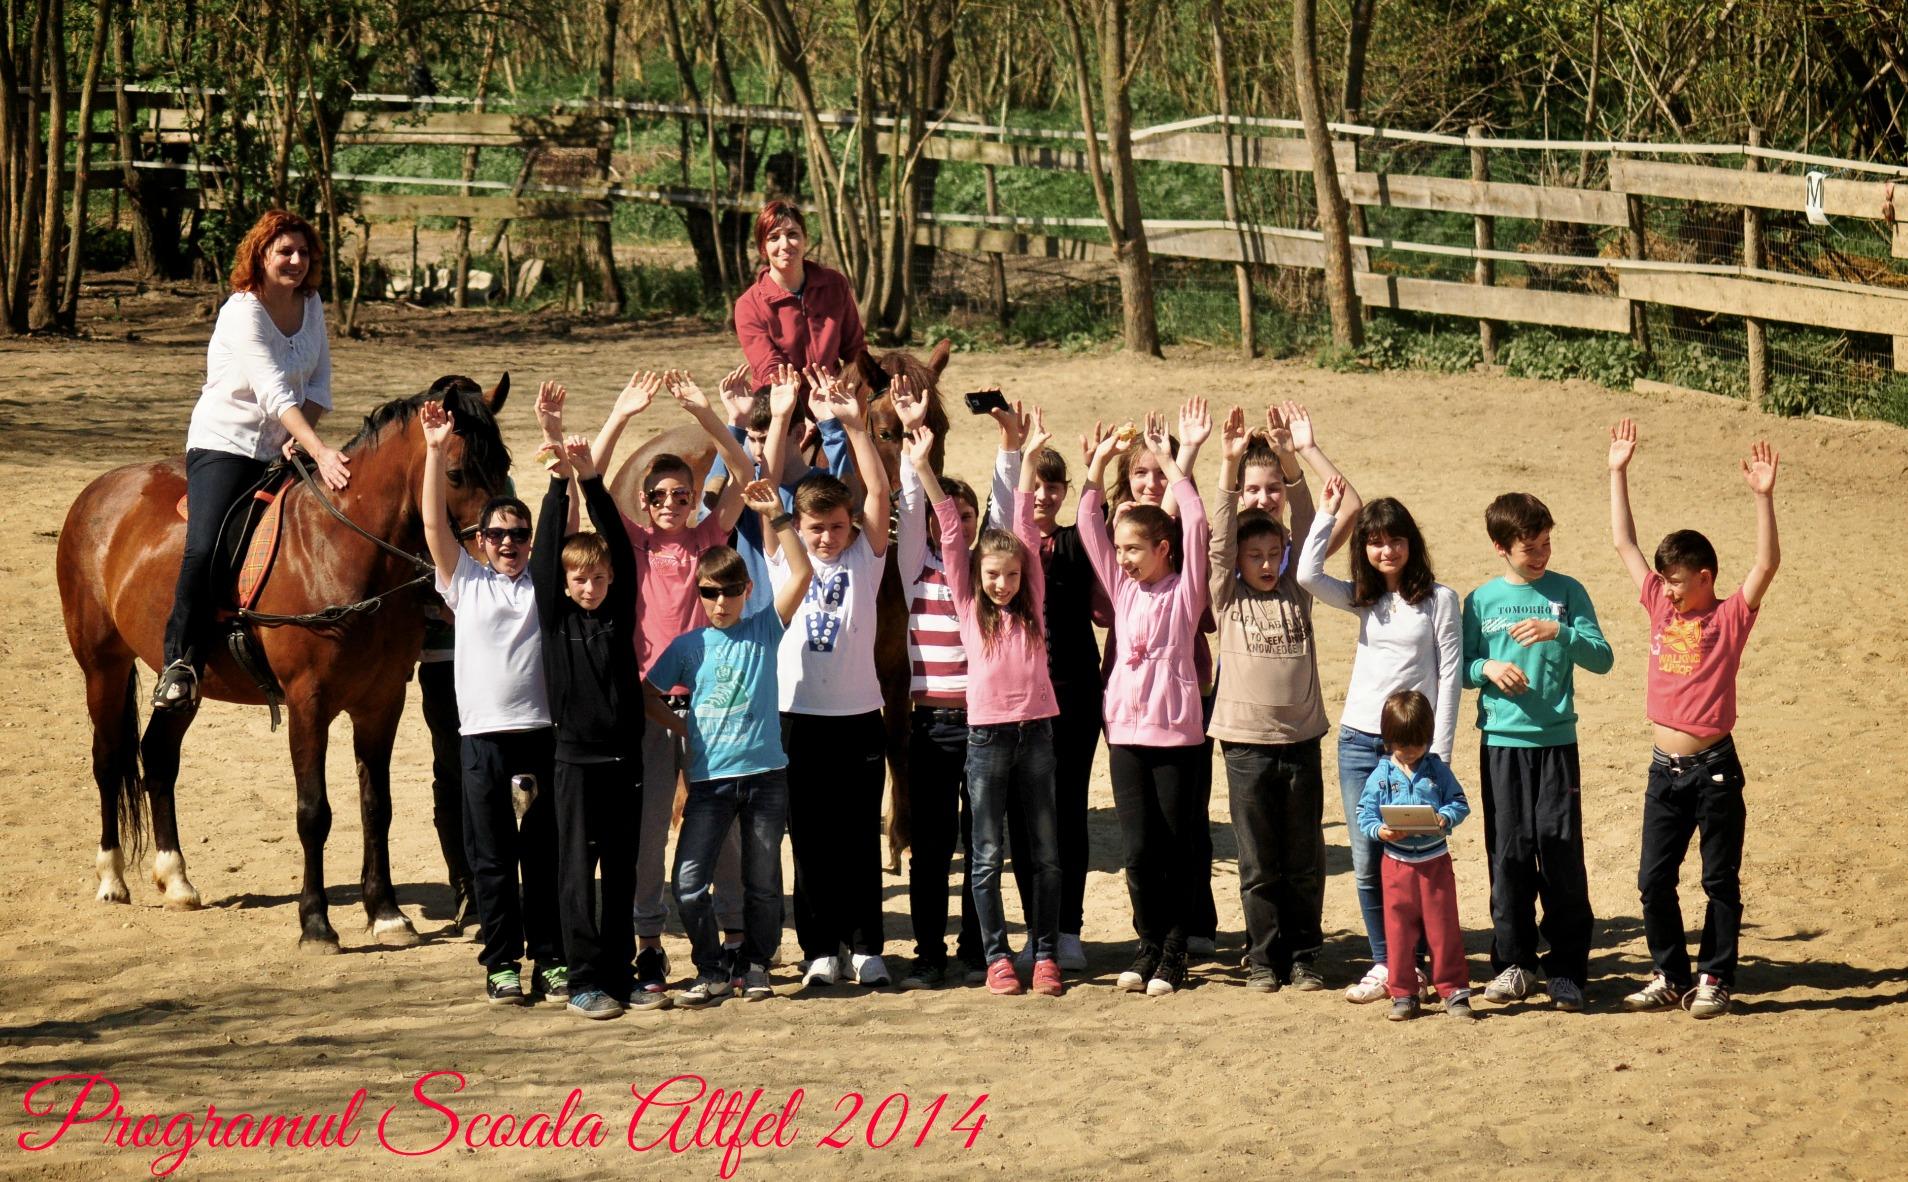 Tinerii au finalizat cu succes orele de echitaţie, din programul Şcoala Altfel 2014